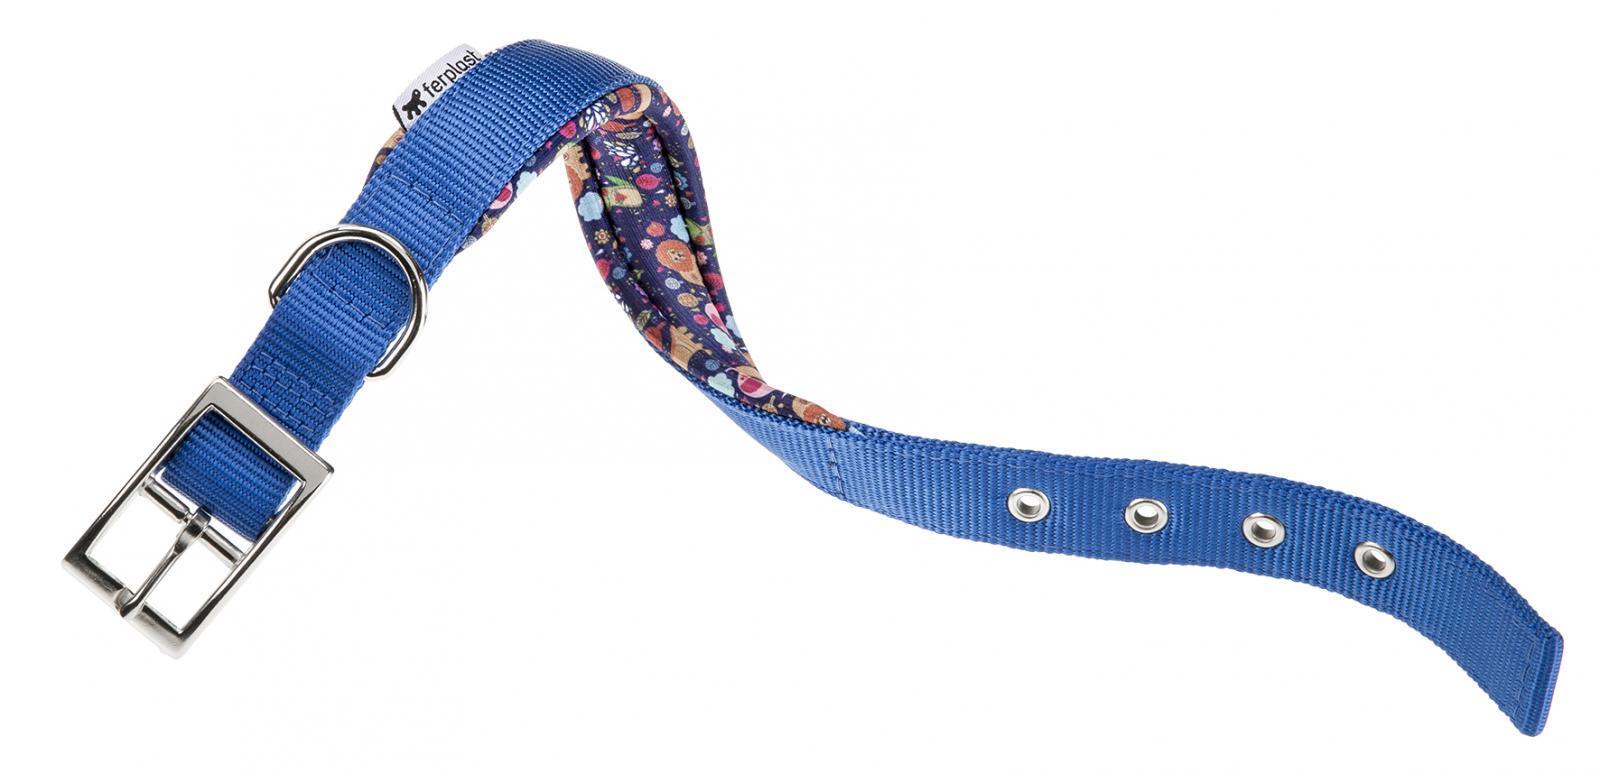 Collar Daytona Azul Con Dibujo Interior, Ferplast